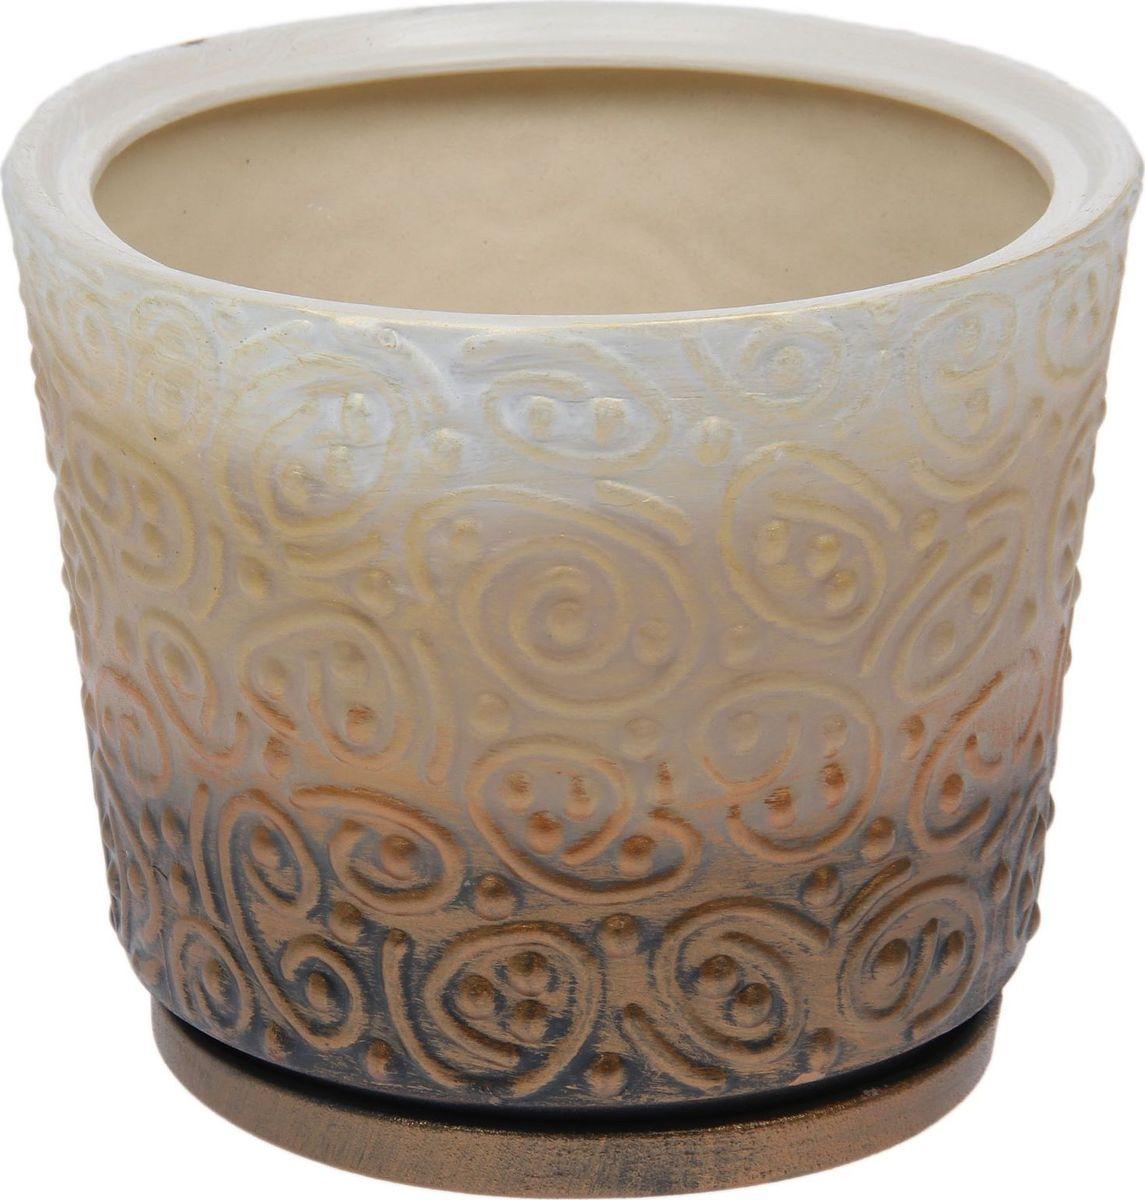 Кашпо Керамика ручной работы Серпантин, цвет: , 3,5 л1477021Комнатные растения — всеобщие любимцы. Они радуют глаз, насыщают помещение кислородом и украшают пространство. Каждому из них необходим свой удобный и красивый дом. Кашпо из керамики прекрасно подходят для высадки растений: за счёт пластичности глины и разных способов обработки существует великое множество форм и дизайновпористый материал позволяет испаряться лишней влагевоздух, необходимый для дыхания корней, проникает сквозь керамические стенки! #name# позаботится о зелёном питомце, освежит интерьер и подчеркнёт его стиль.